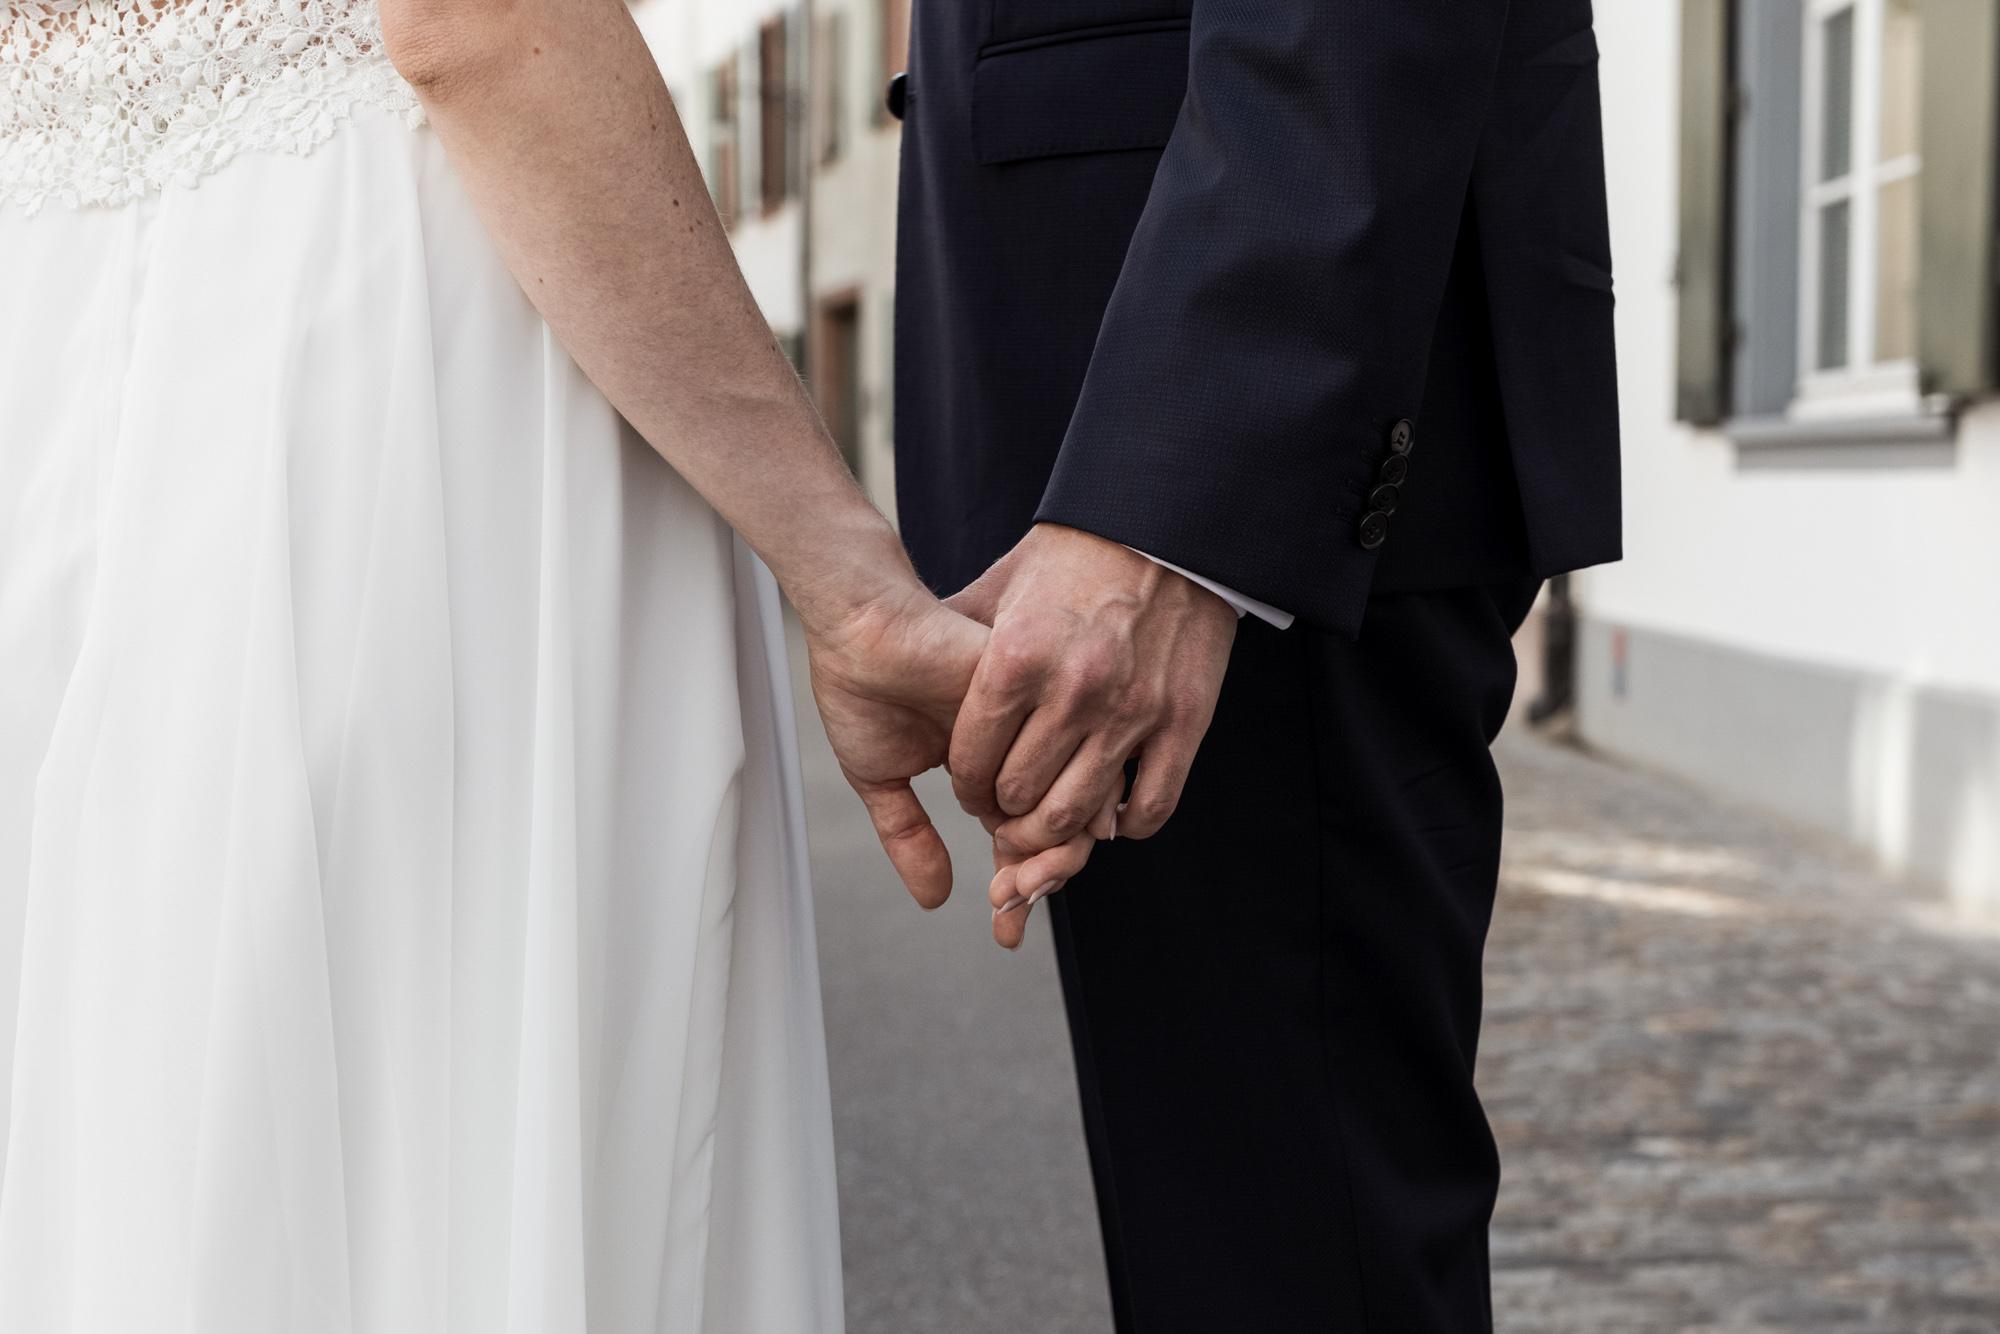 Detail Hände - Das Brautpaar hält sich an den Händen - Hochzeitsfotografen Basel